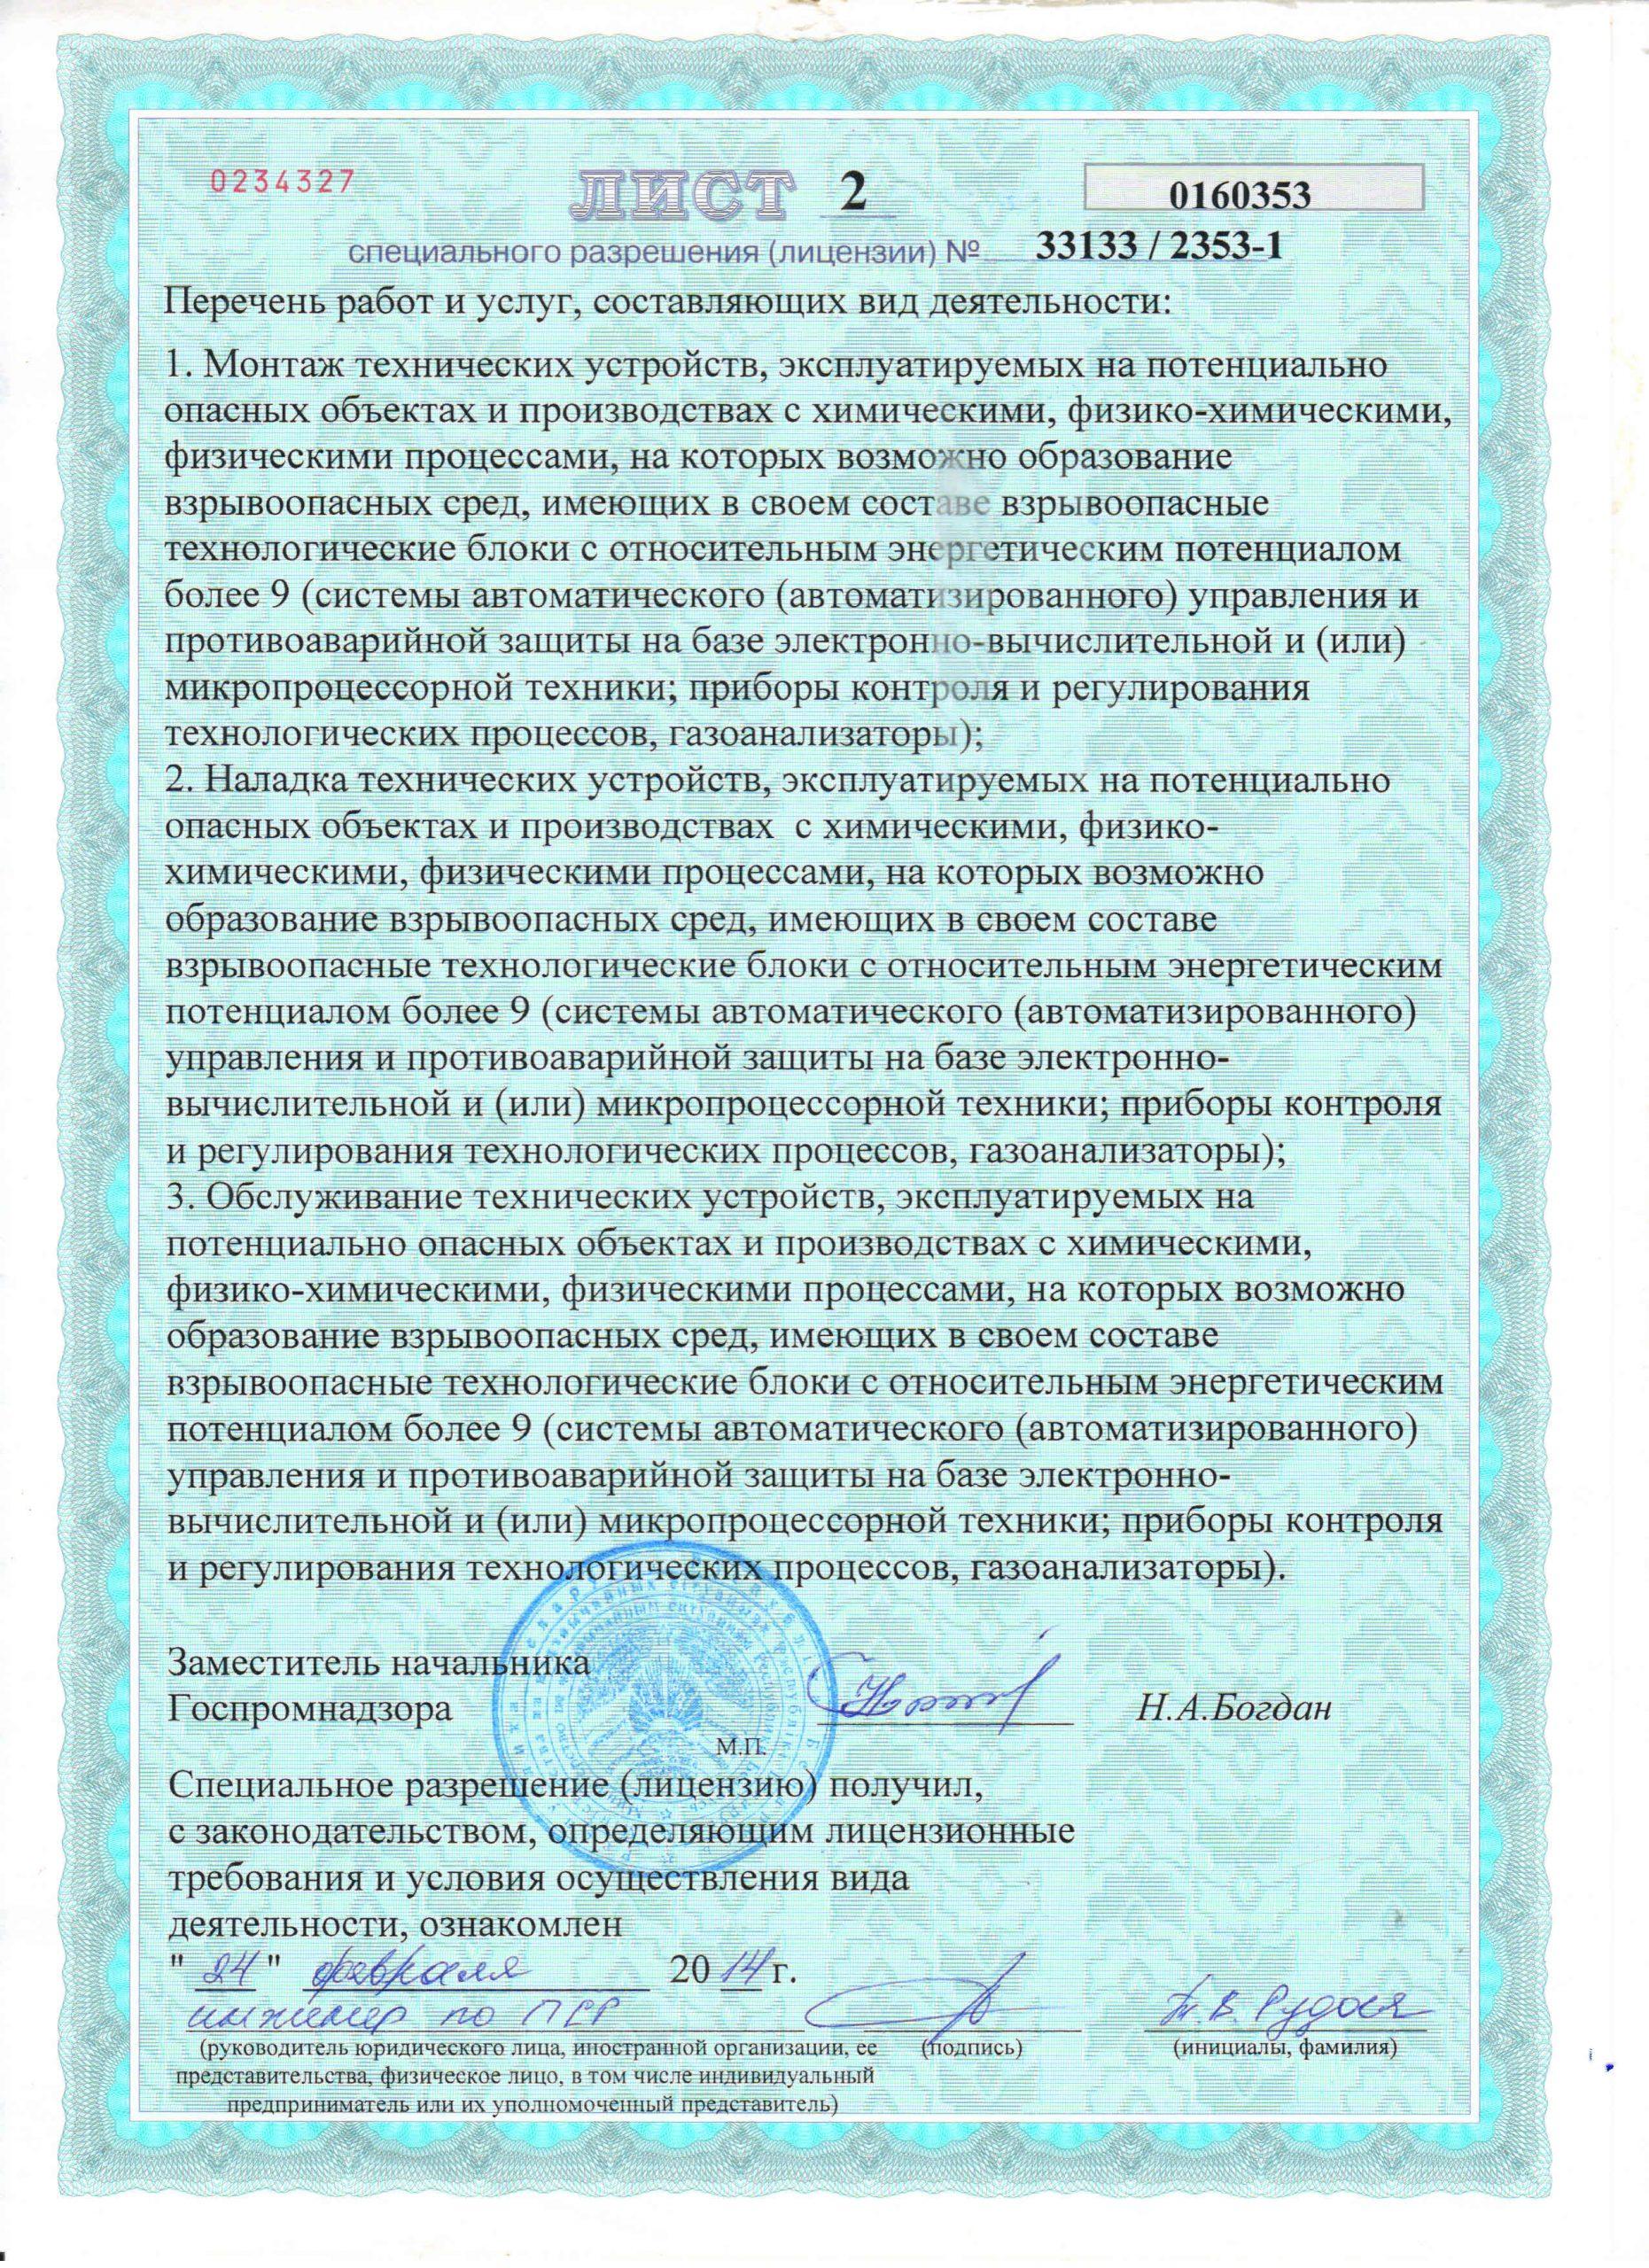 Приложение к Лицензии Госпромнадзора МЧС РБ